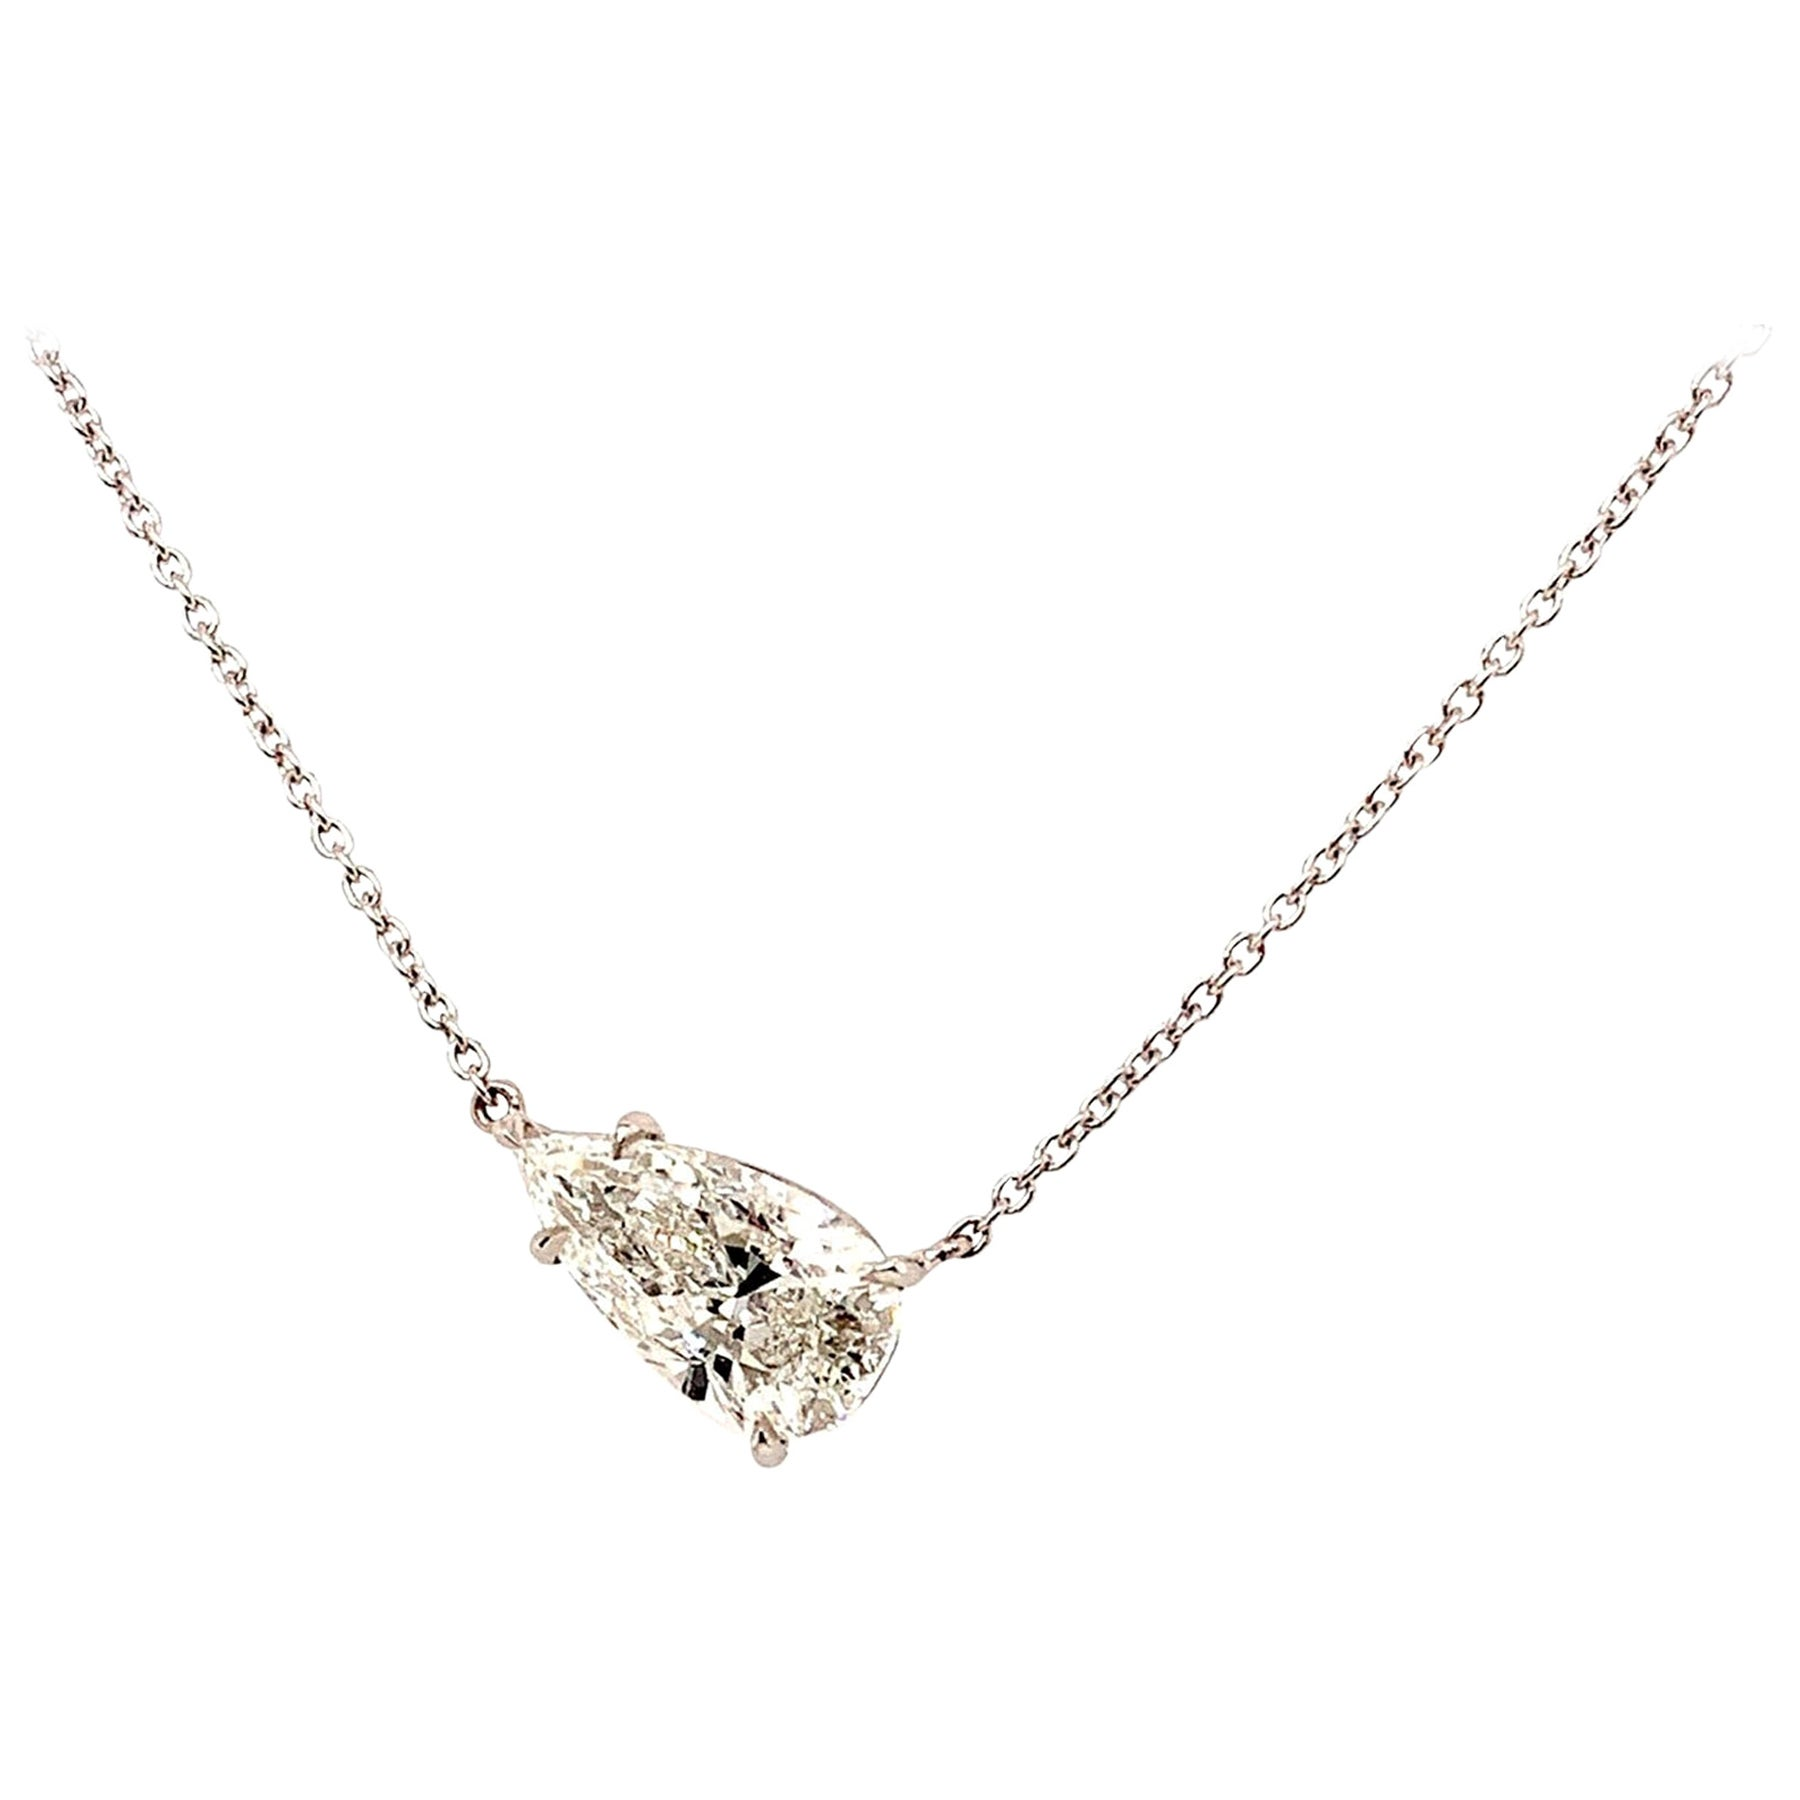 GIA Certified 2.02 Carat Pear Shape Diamond Pendant Necklace